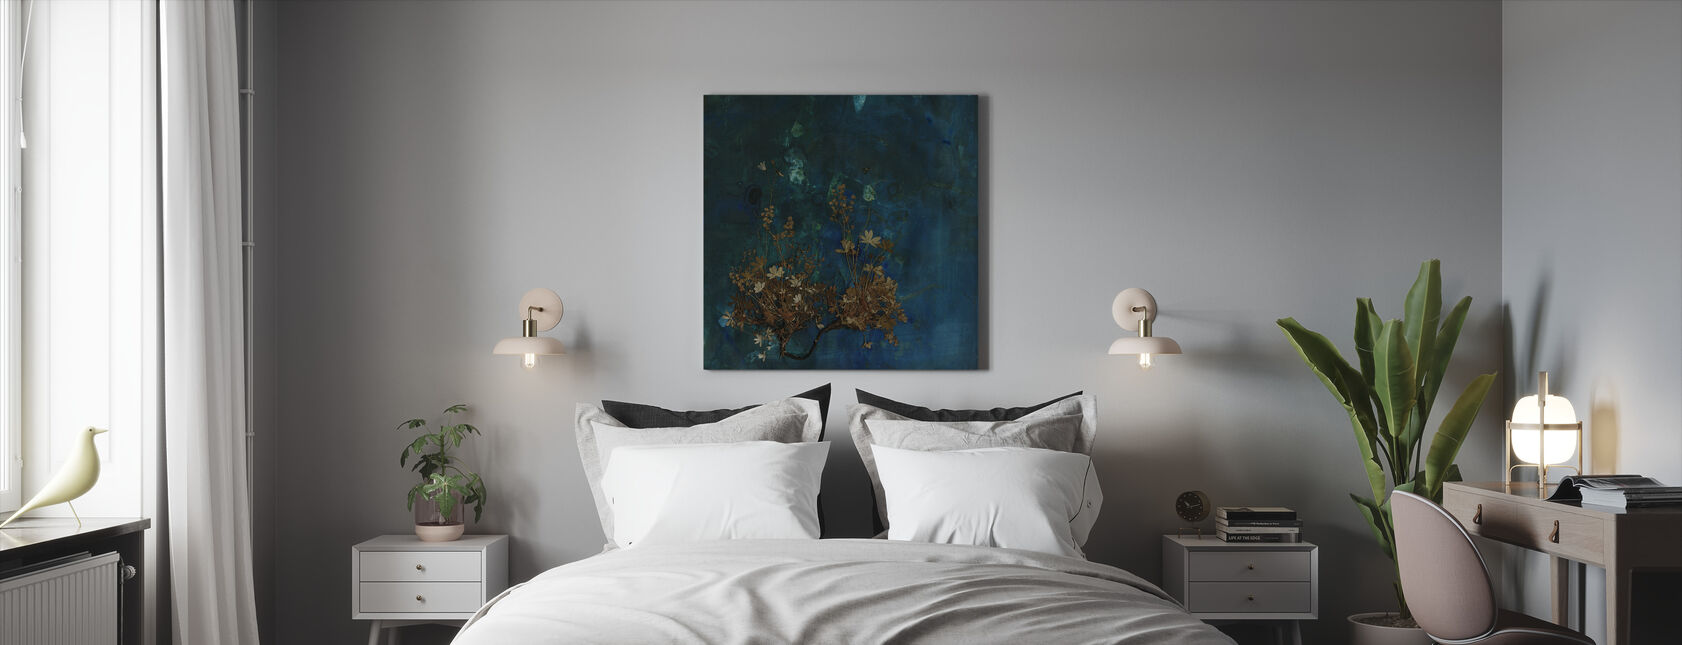 Hochebene - Leinwandbild - Schlafzimmer